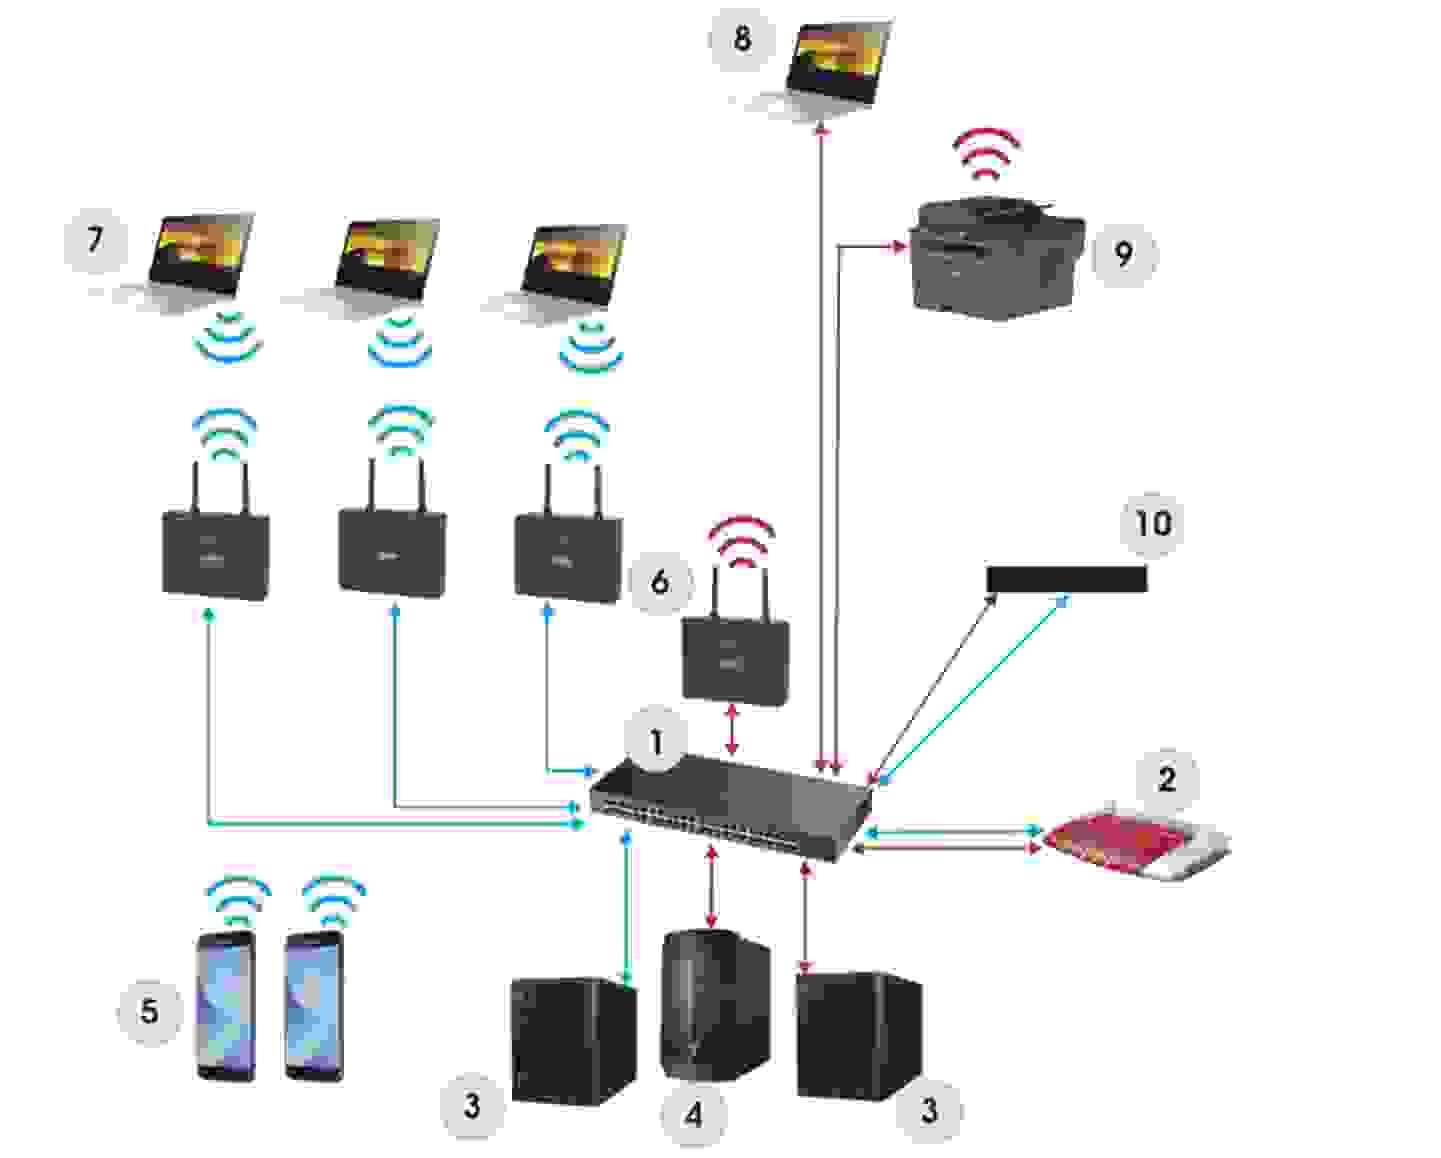 WLAN Netzwerk in der Schule